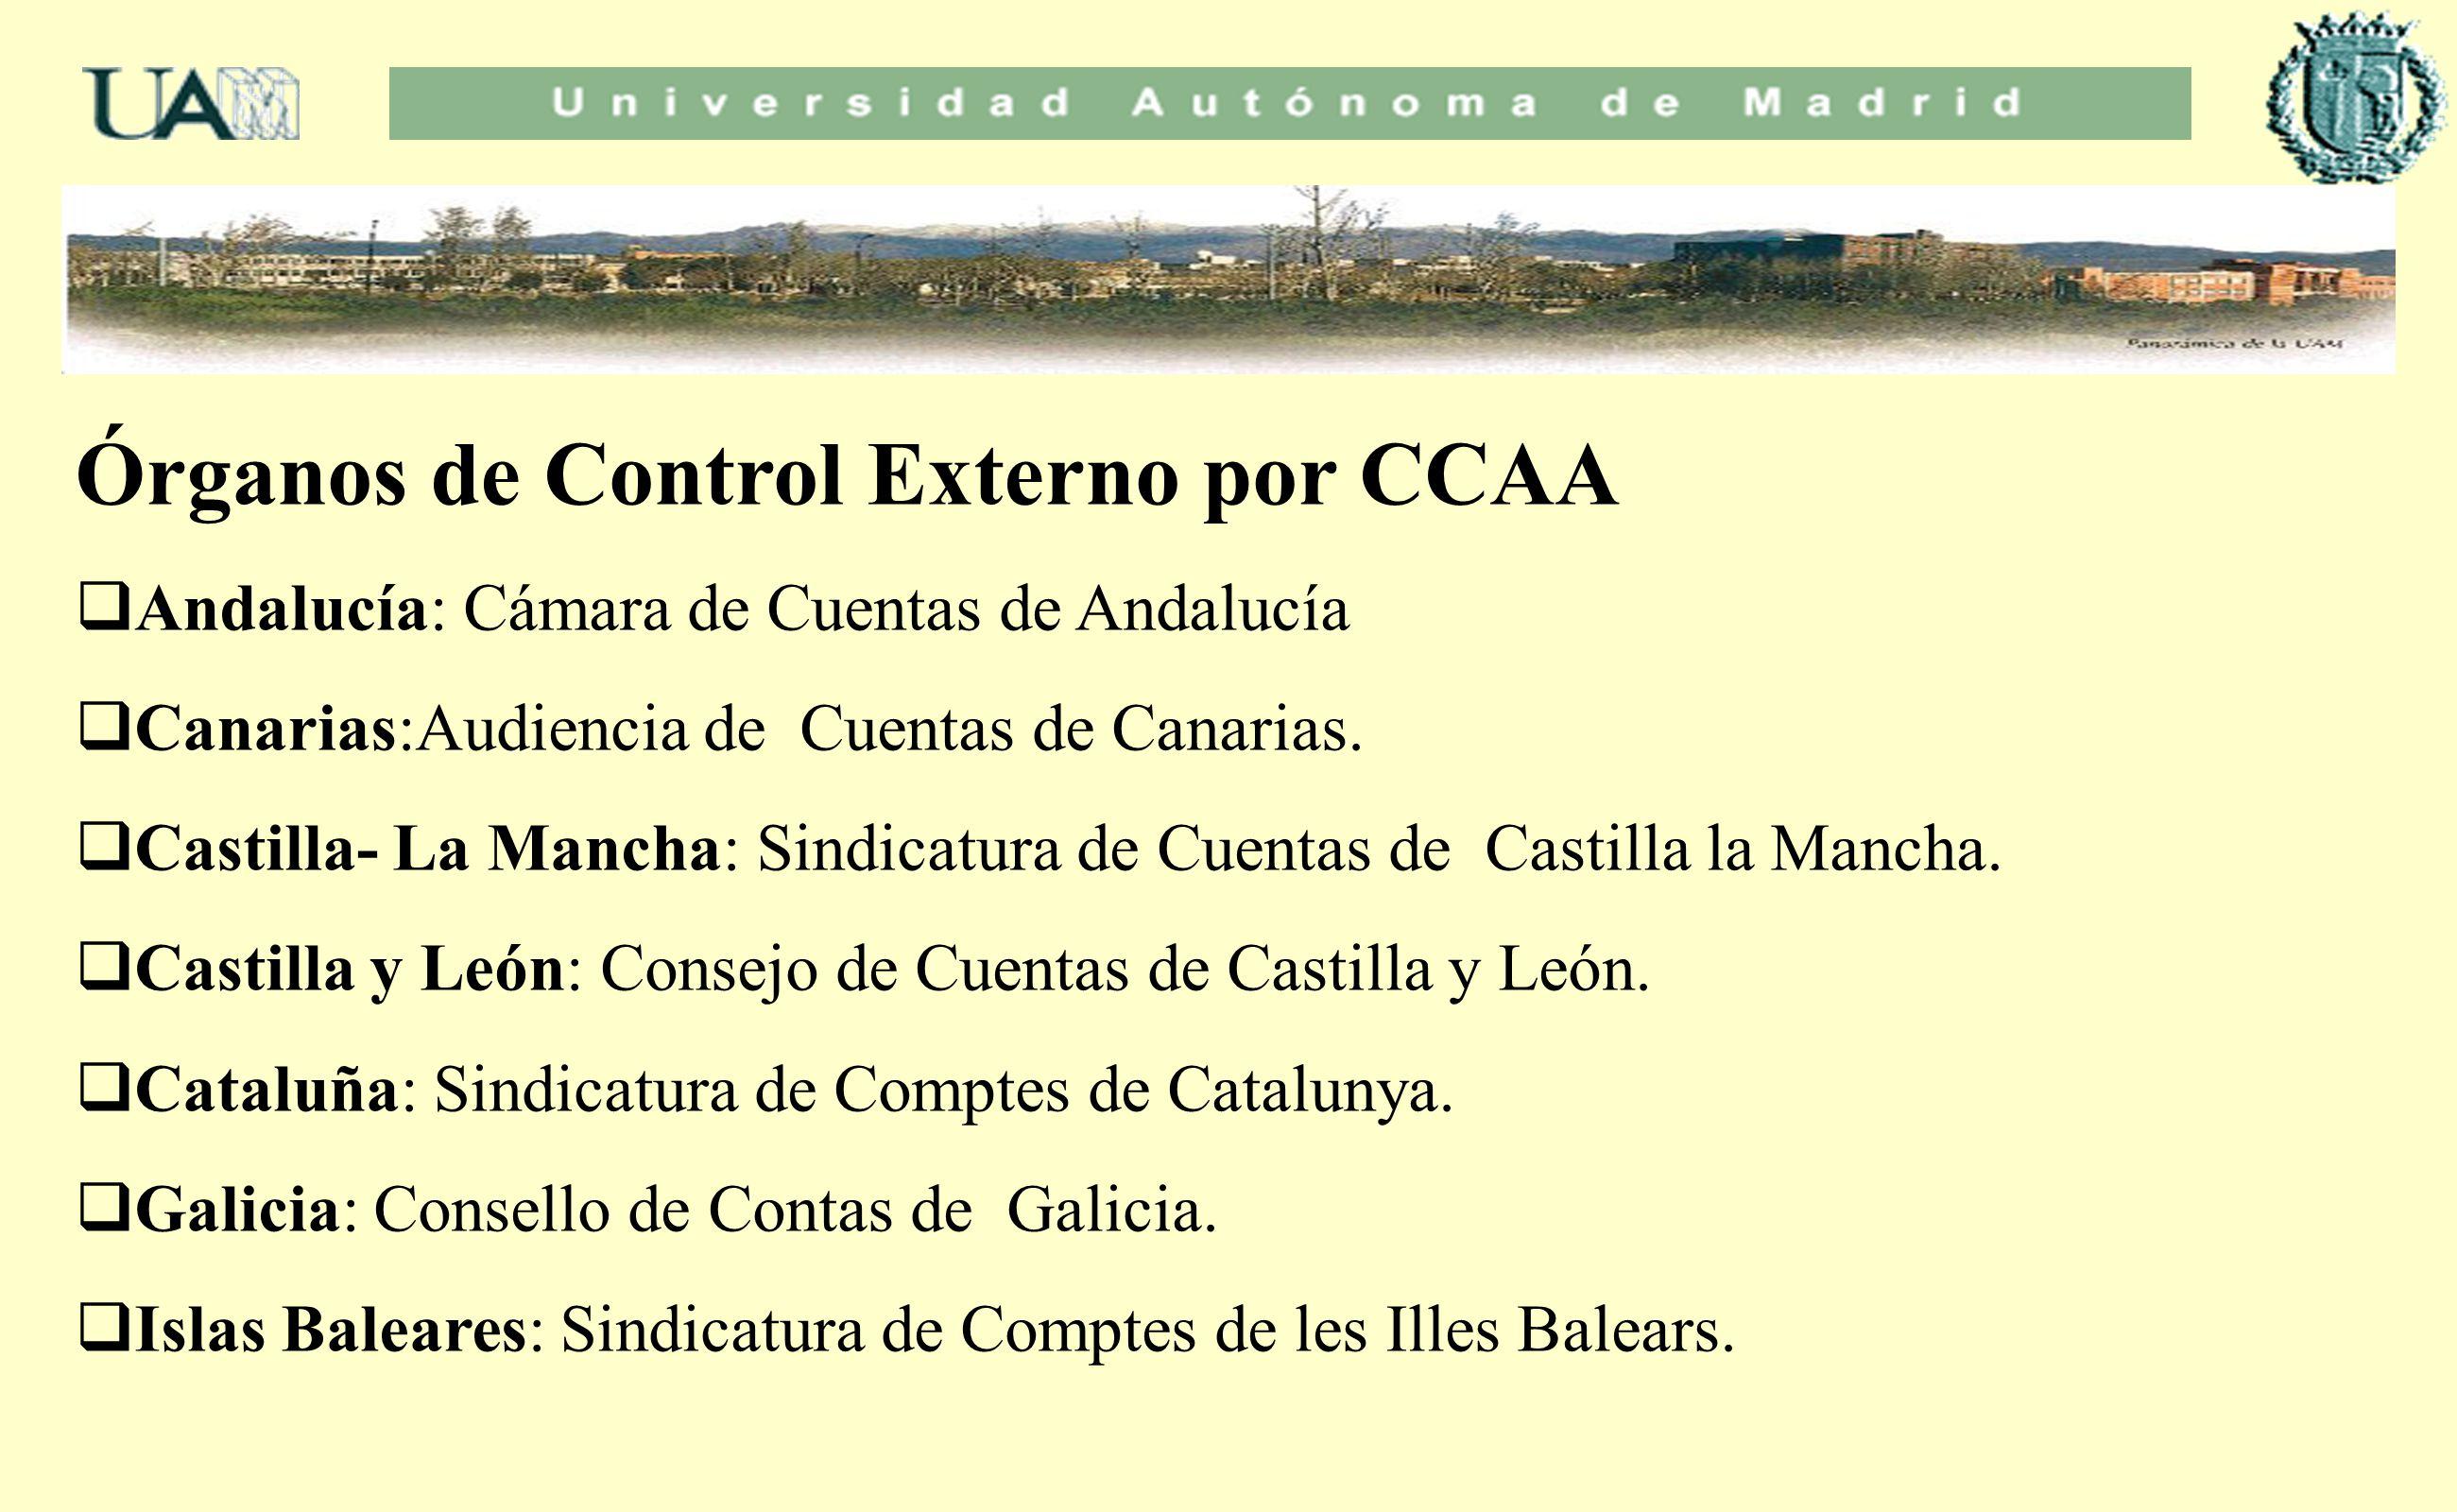 Órganos de Control Externo por CCAA